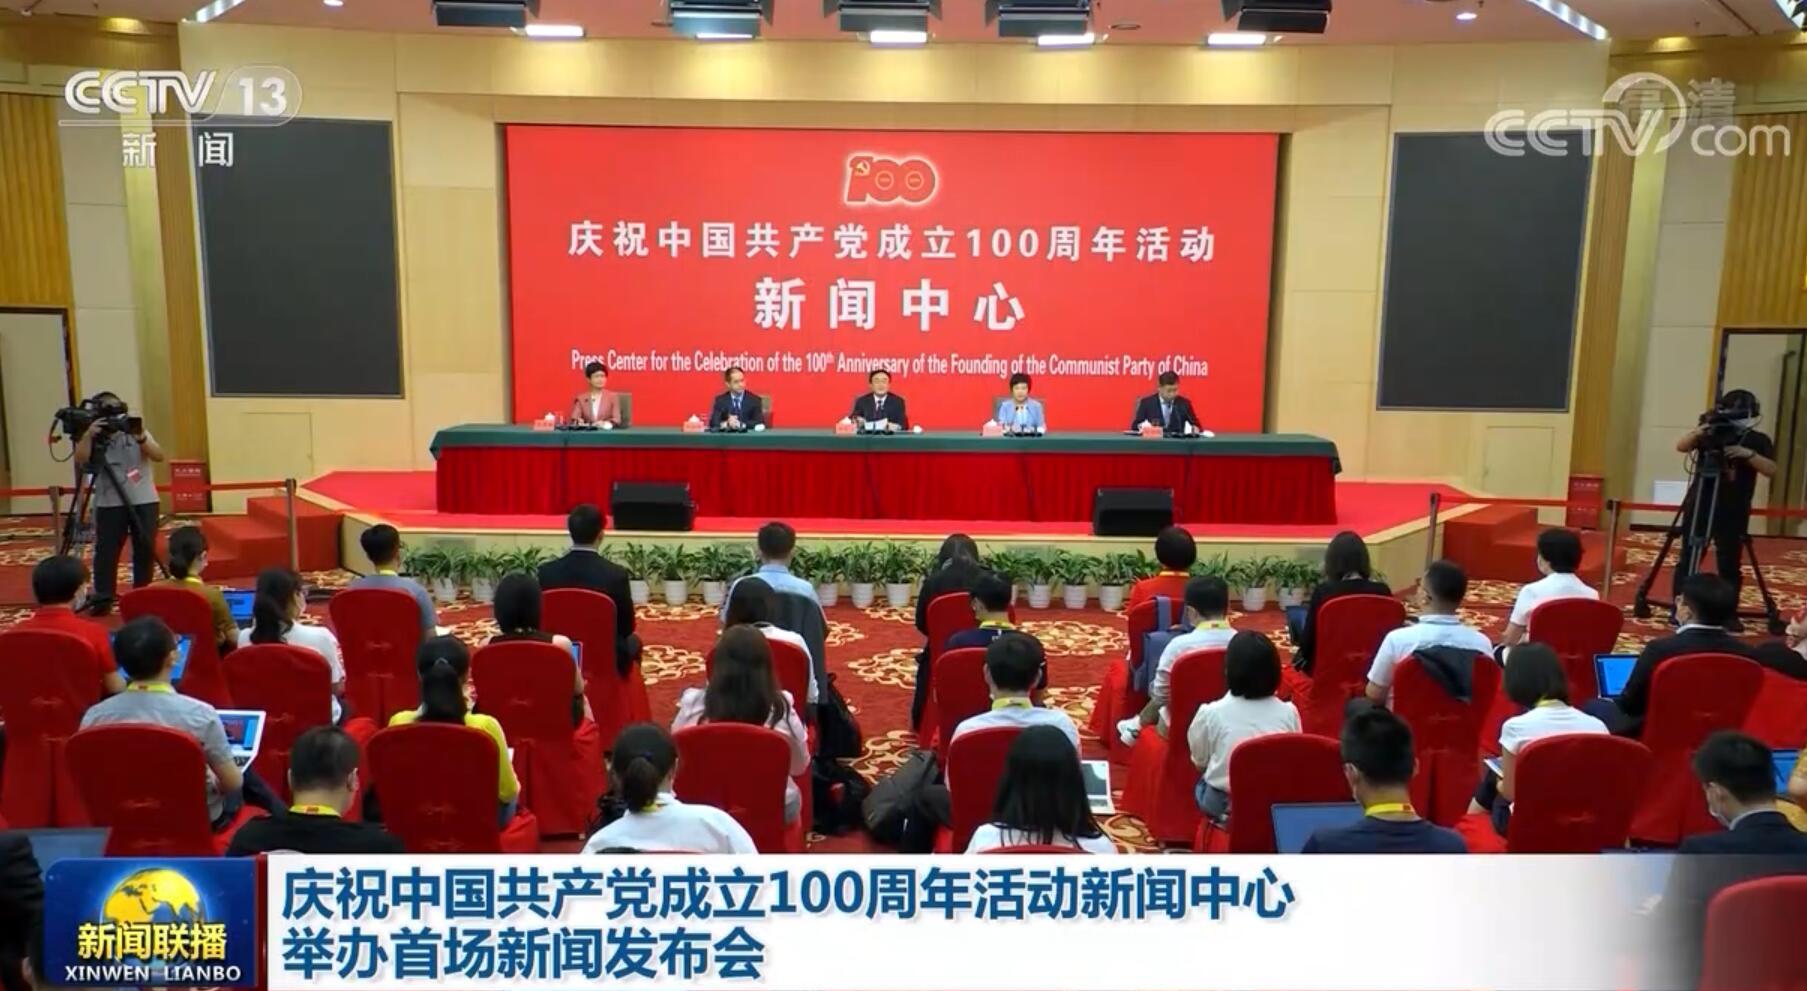 庆祝中国共产党成立100周年活动新闻中心举办首场新闻发布会